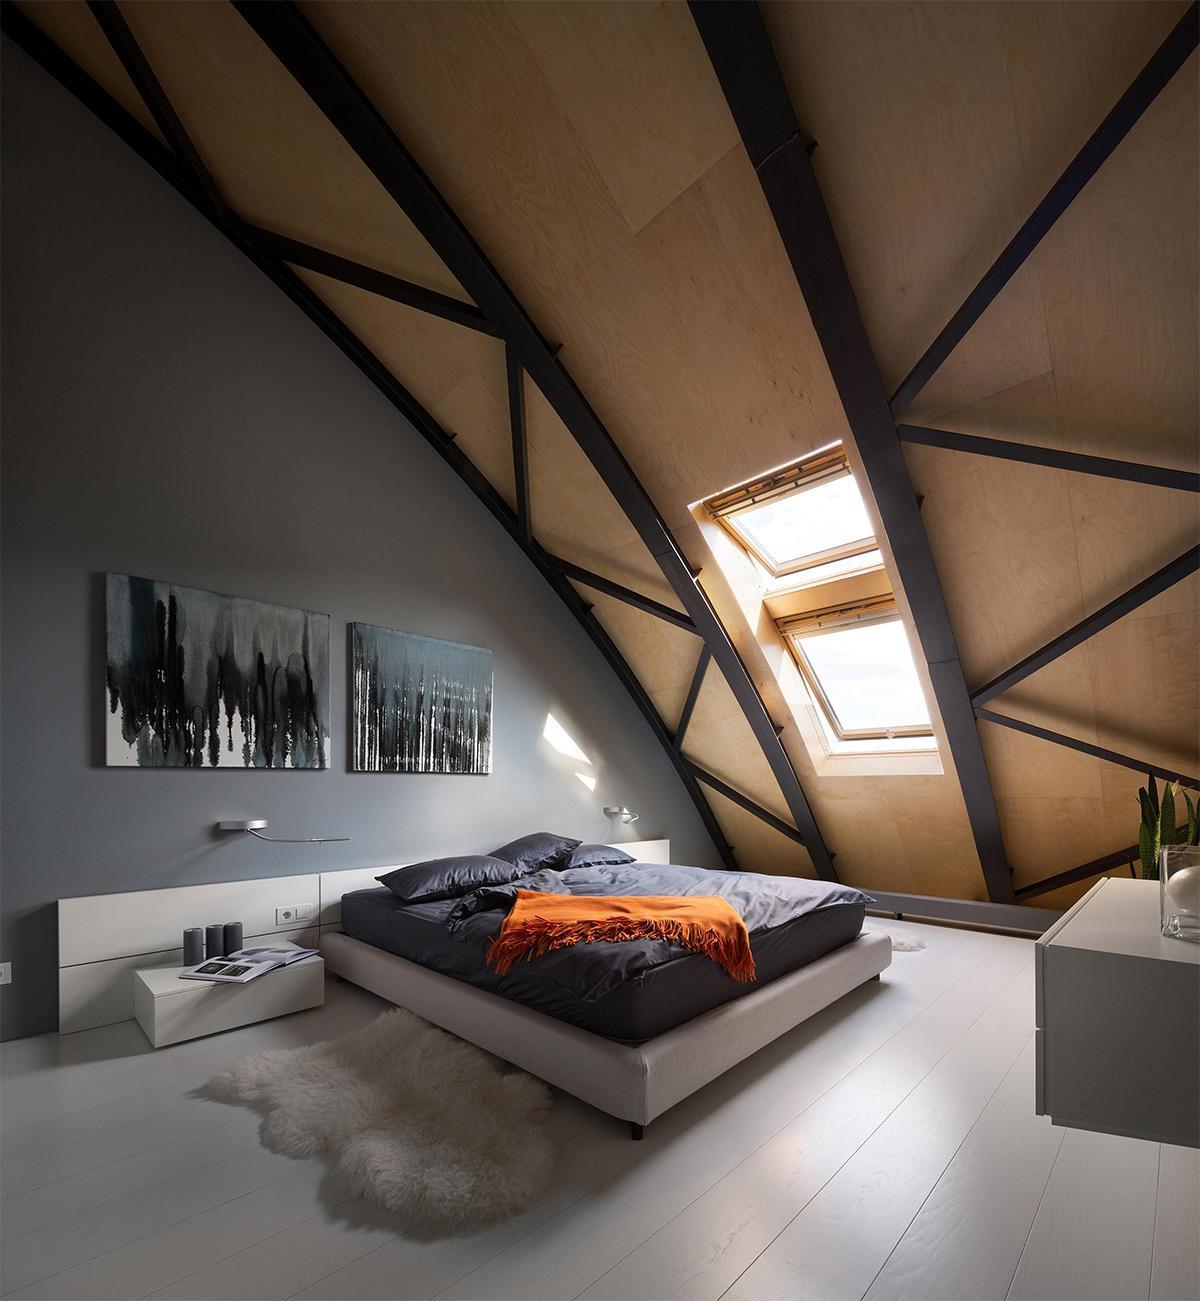 Trang trí nội thất vách đầu giường phòng ngủ tạo cảm giác mới lạ